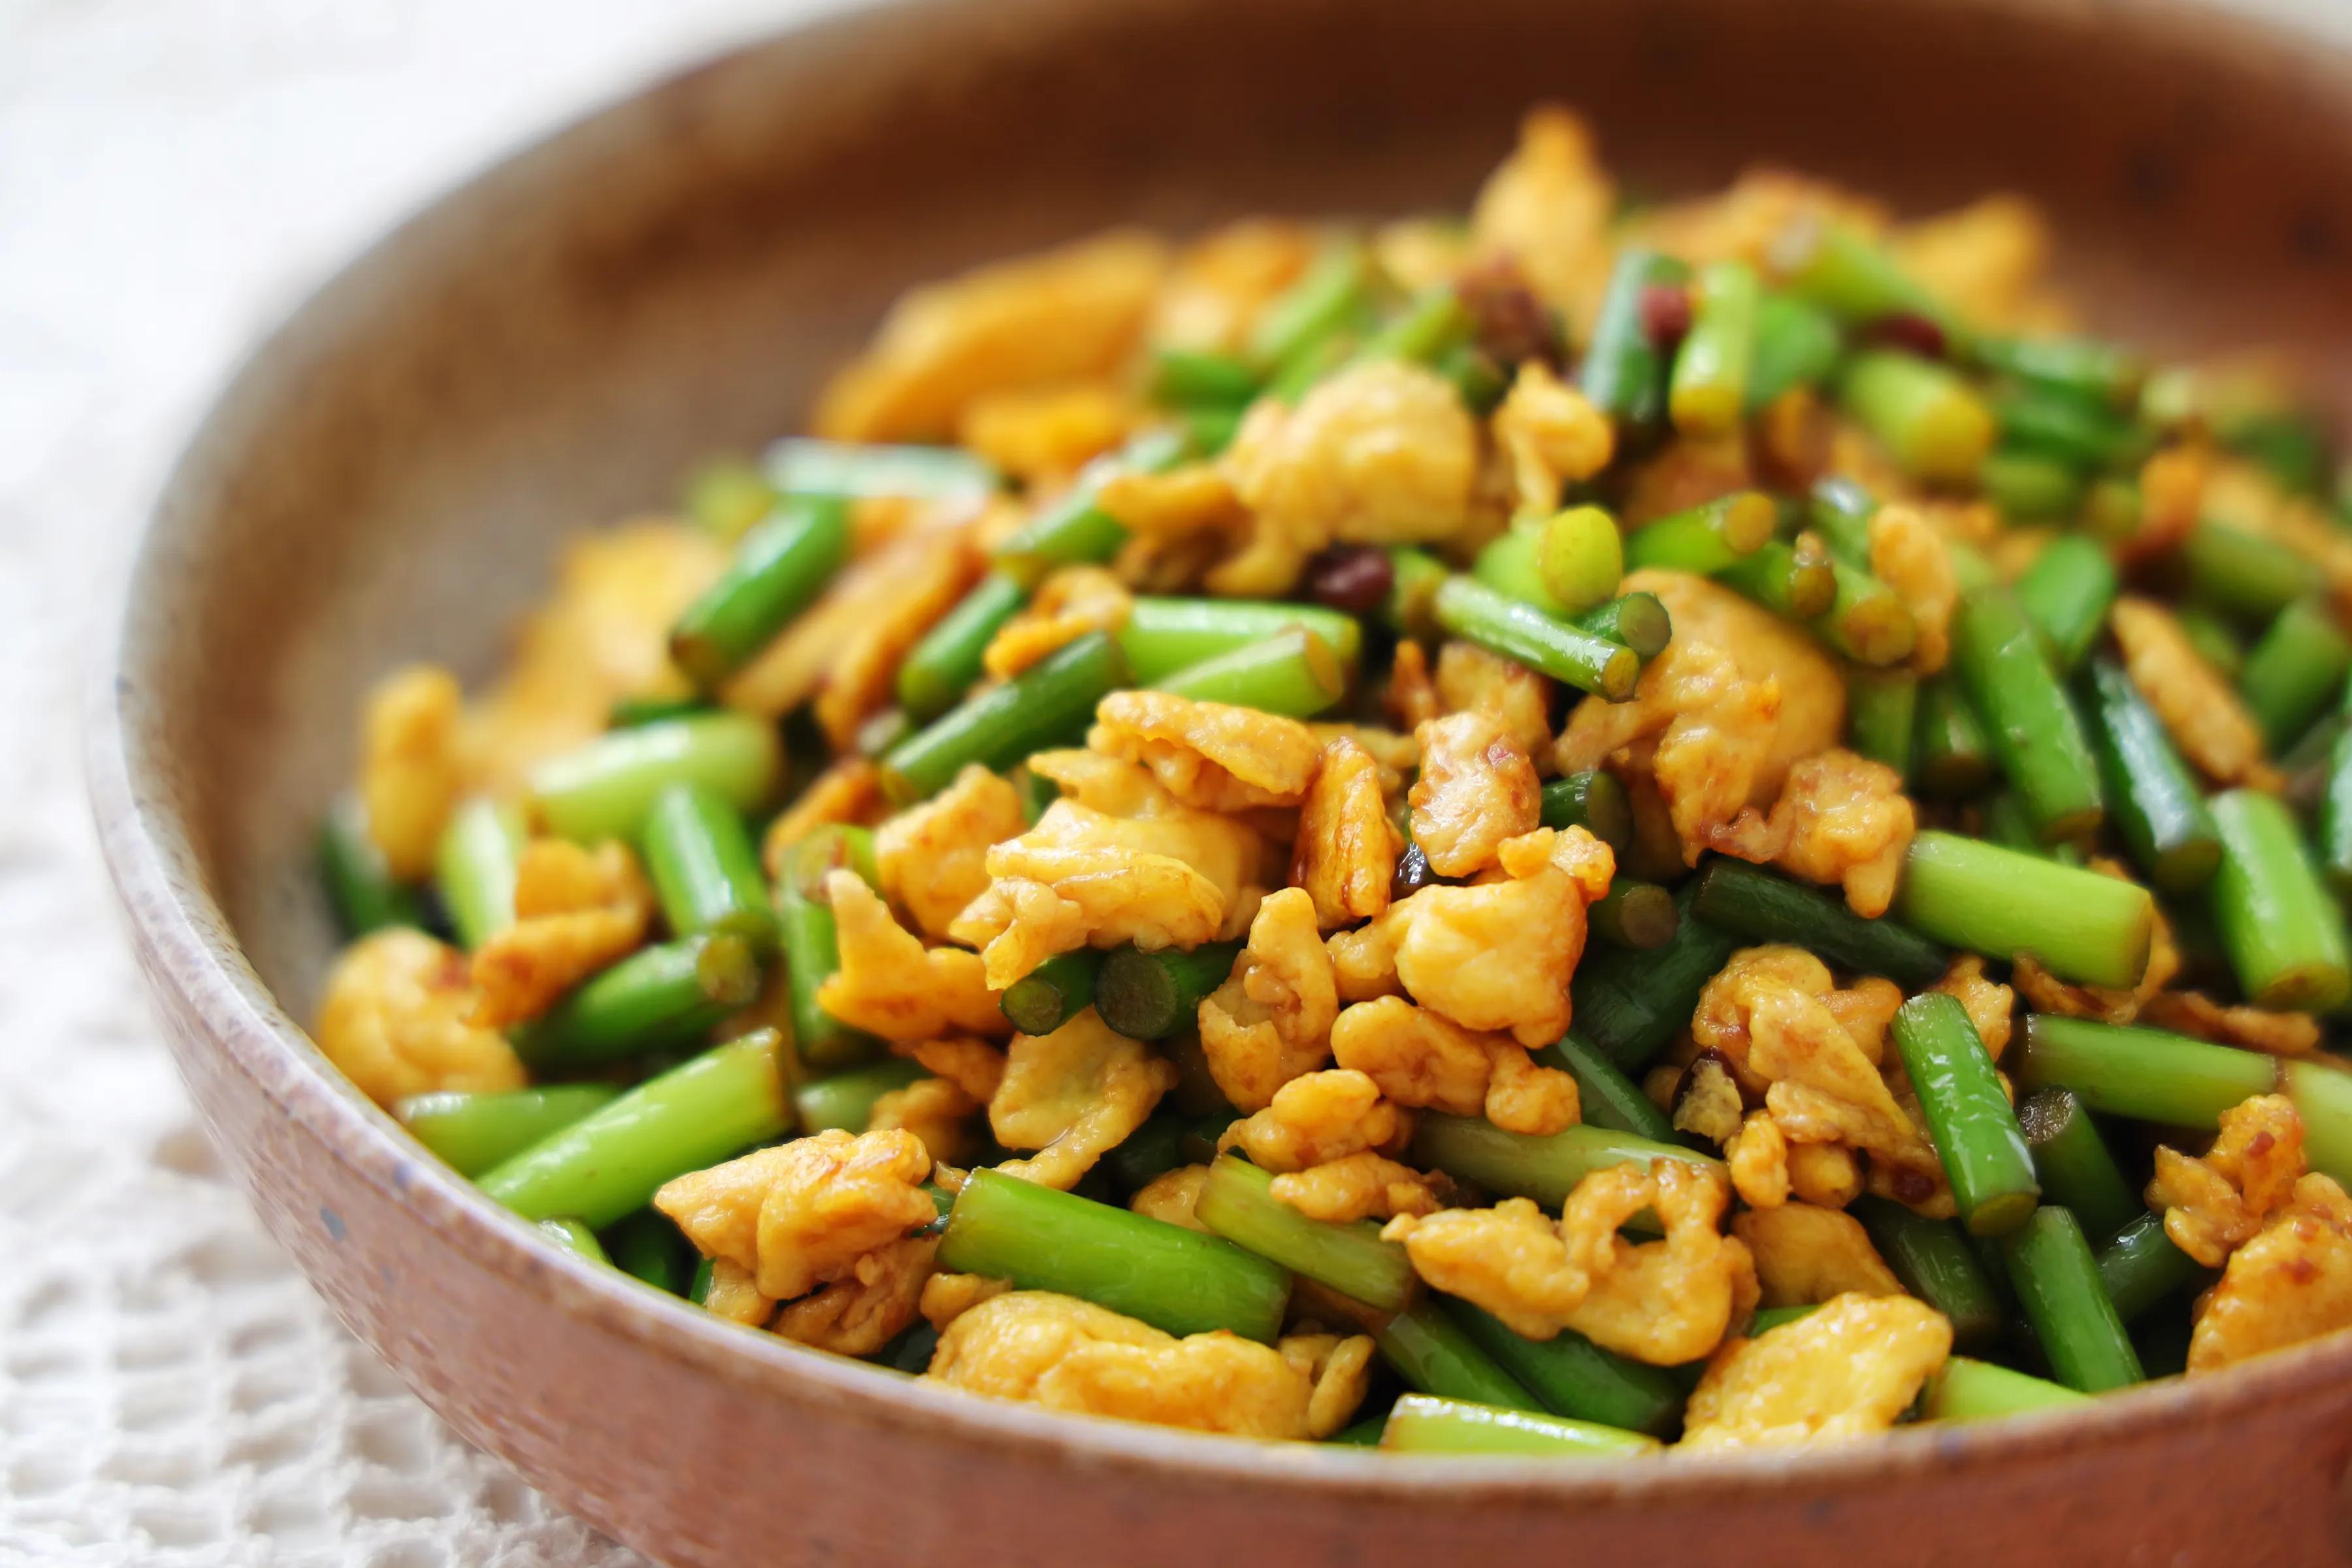 鸡蛋和蒜薹的新吃法,酱香美味,鲜嫩好吃,特下饭!一定要试试 美食做法 第3张